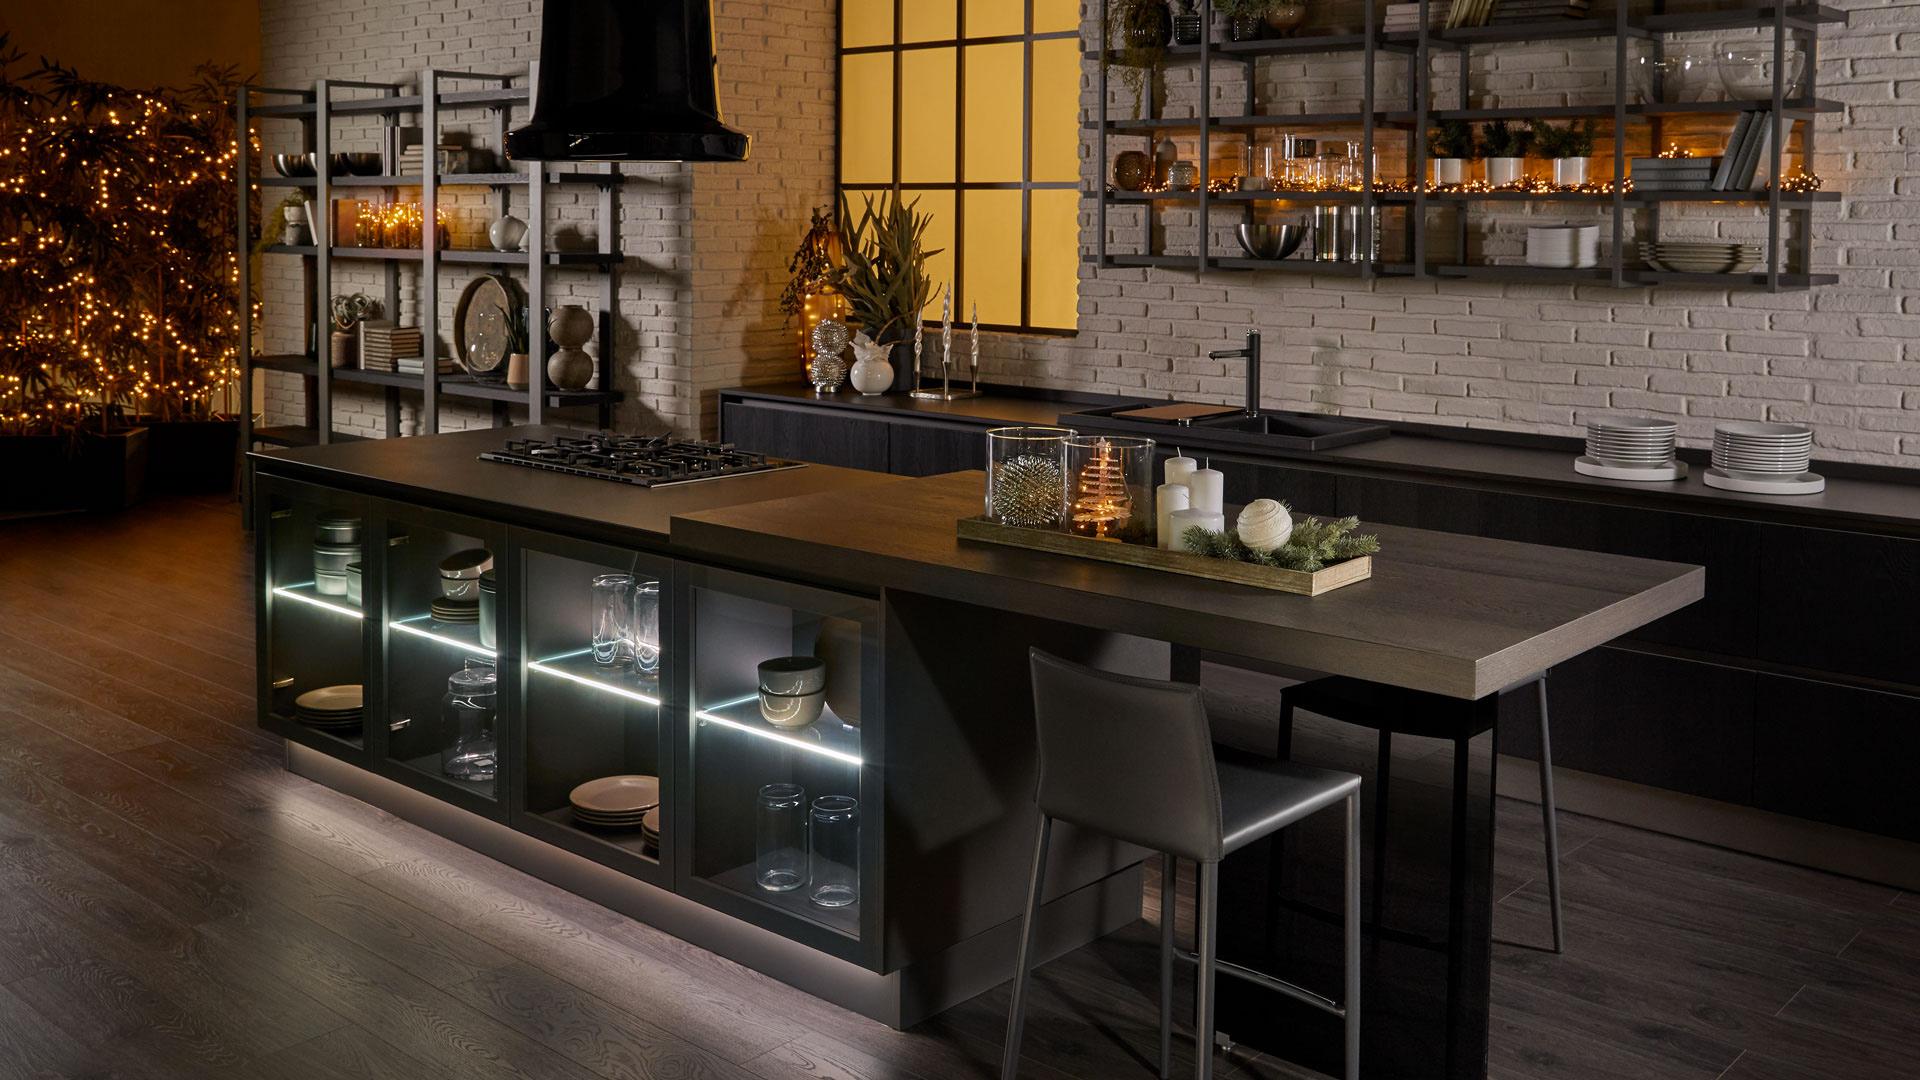 Cucina Lube Round Un Modello Dall Animo Green Lube E Creo Store Milano Vendita Cucine Lube E Creo